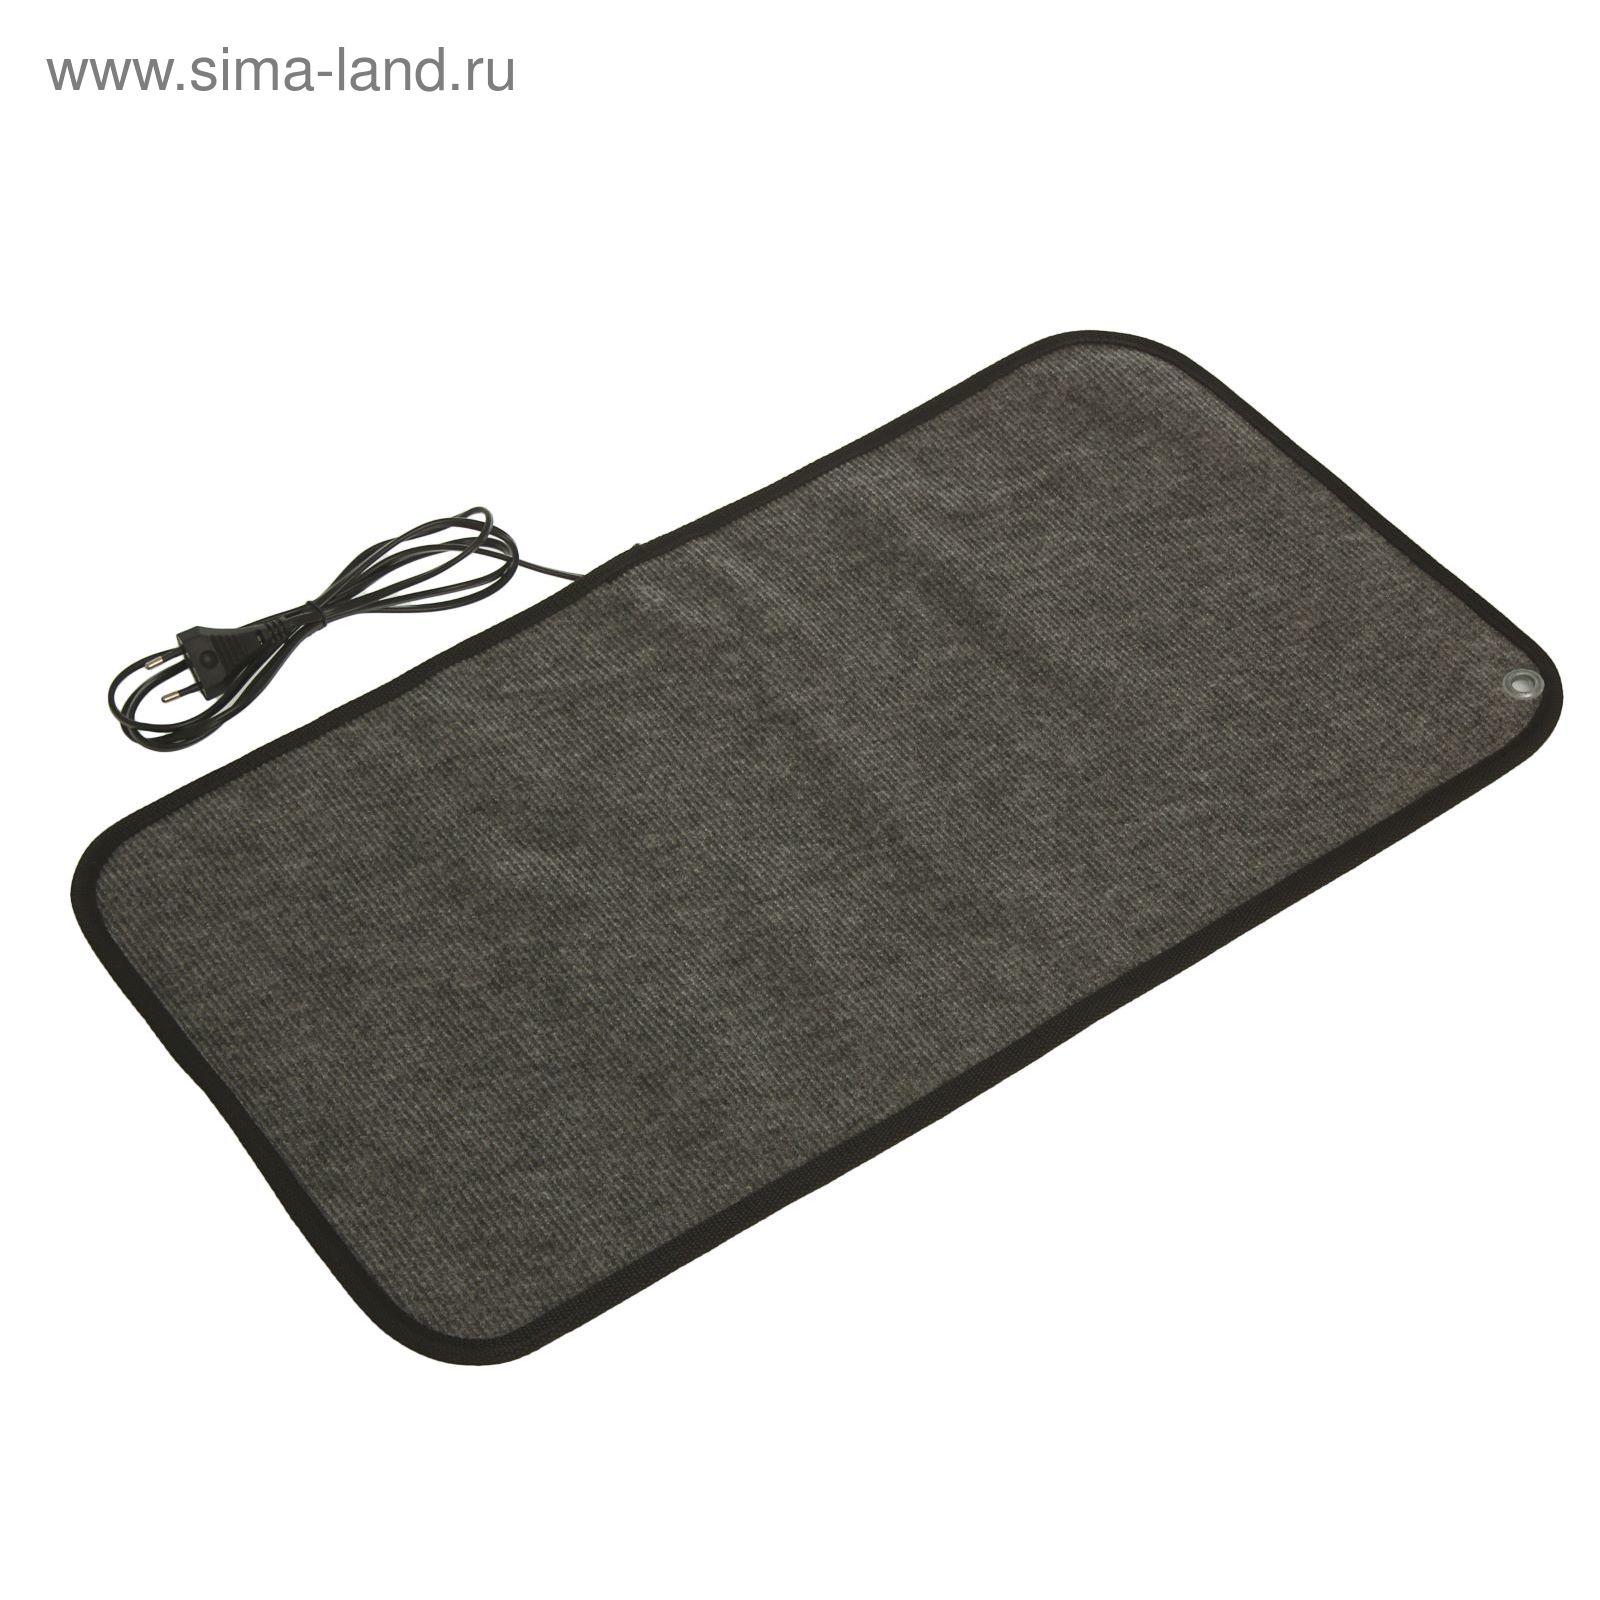 Теплый коврик для сушки обуви ТК-1, 40 Вт, 660х360 мм, серый ... 70f61c56a3d